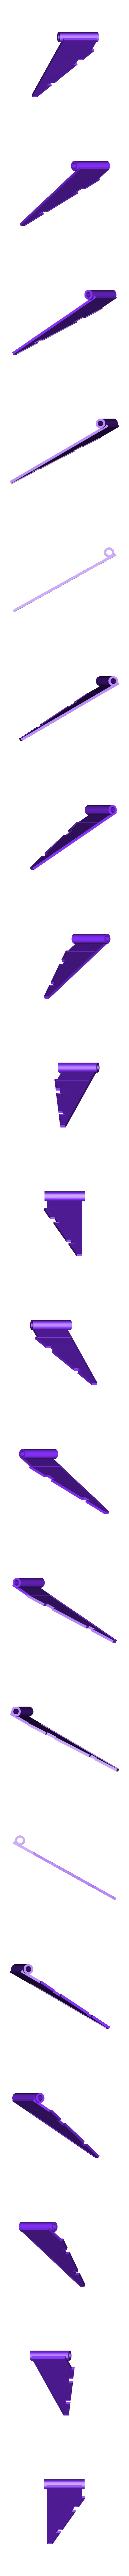 Rear_FrontFin_B.stl Télécharger fichier STL gratuit Frégate Nebulon B (coupée et sectionnée) • Modèle pour impression 3D, Masterkookus